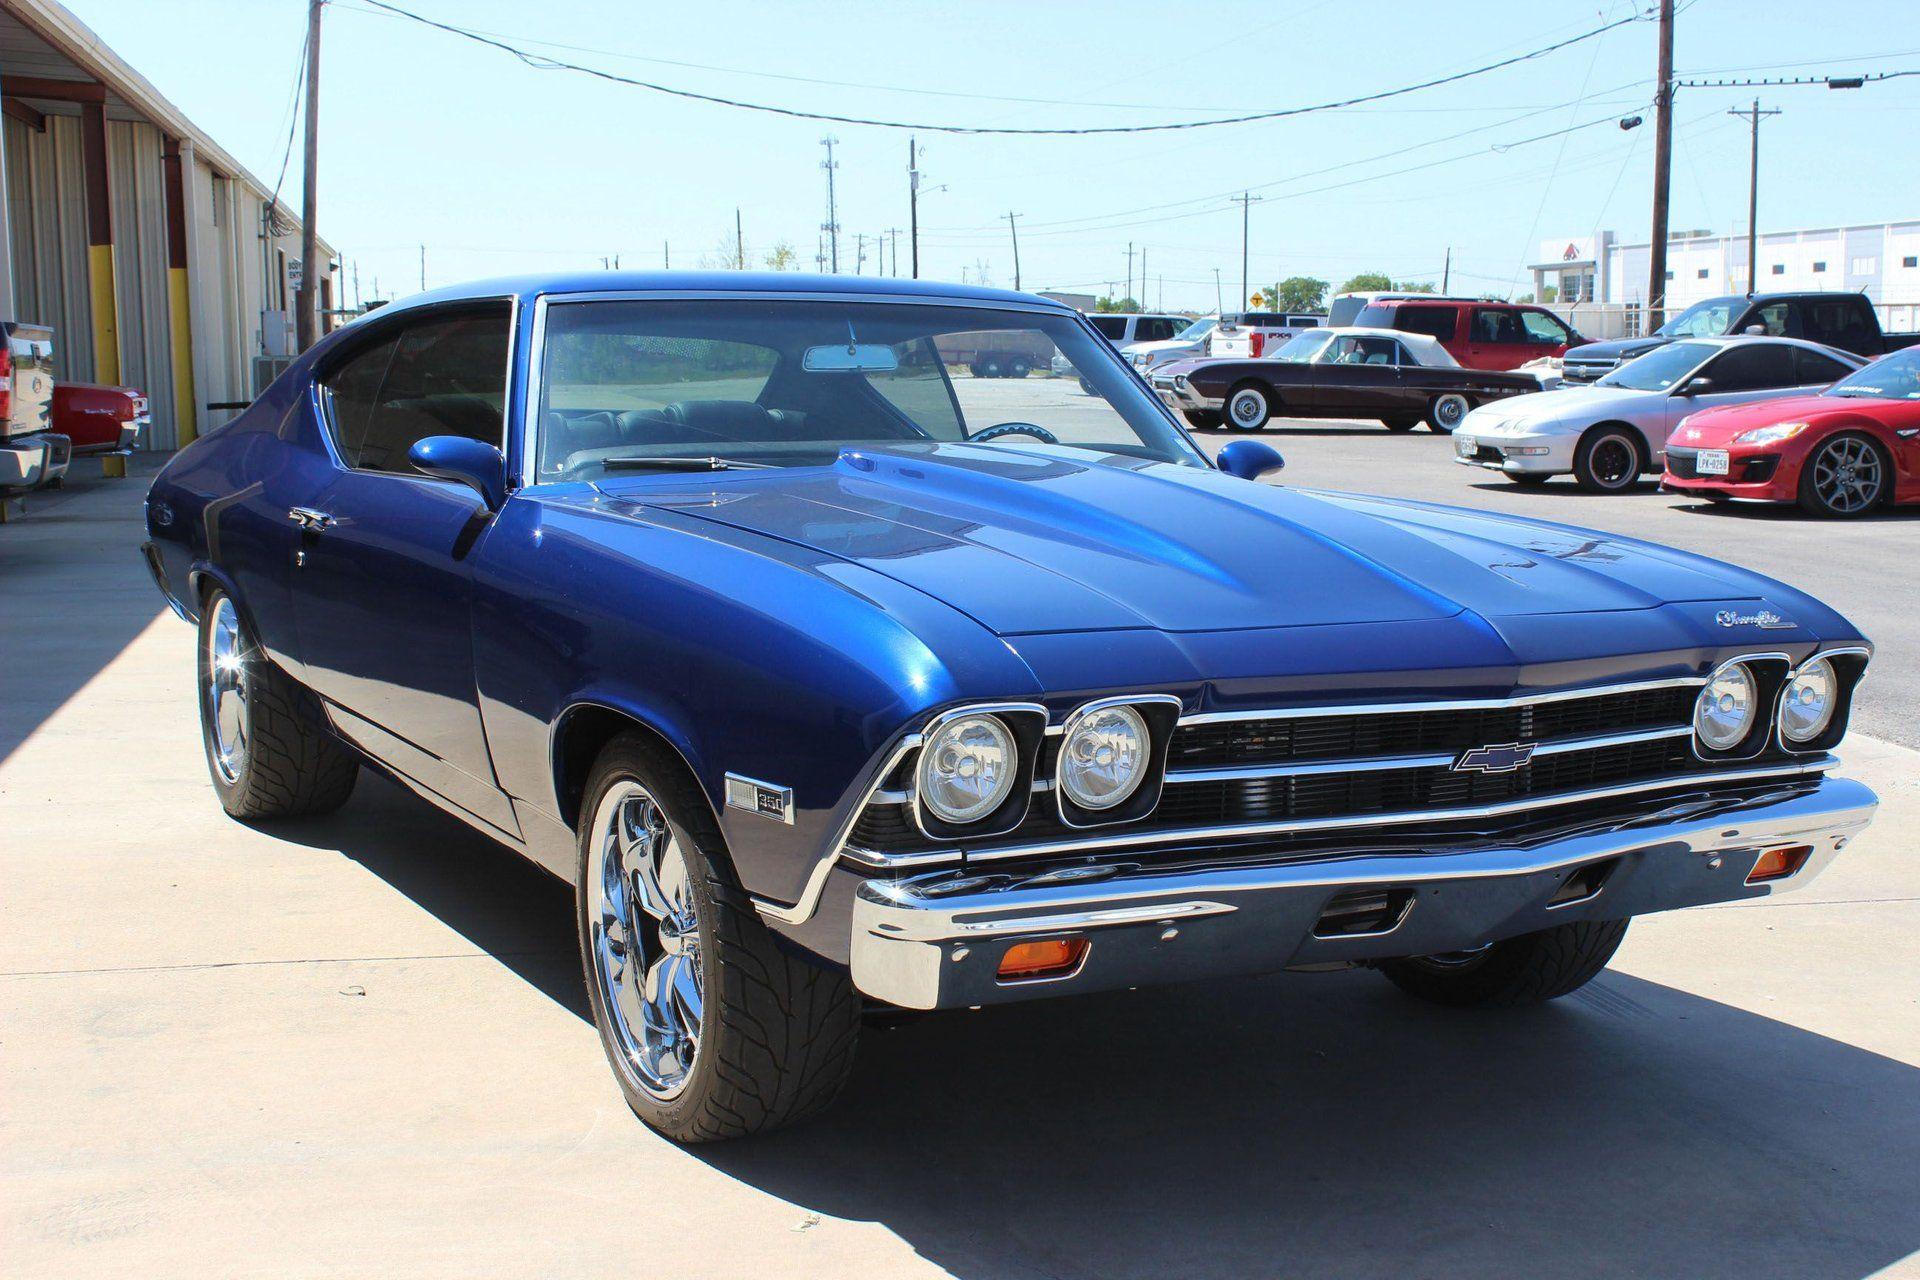 """<img src=""""1968-chevrolet-chevelle-malibu.jpeg"""" alt=""""A 1968 Chevrolet Chevelle Malibu Restomod"""">"""